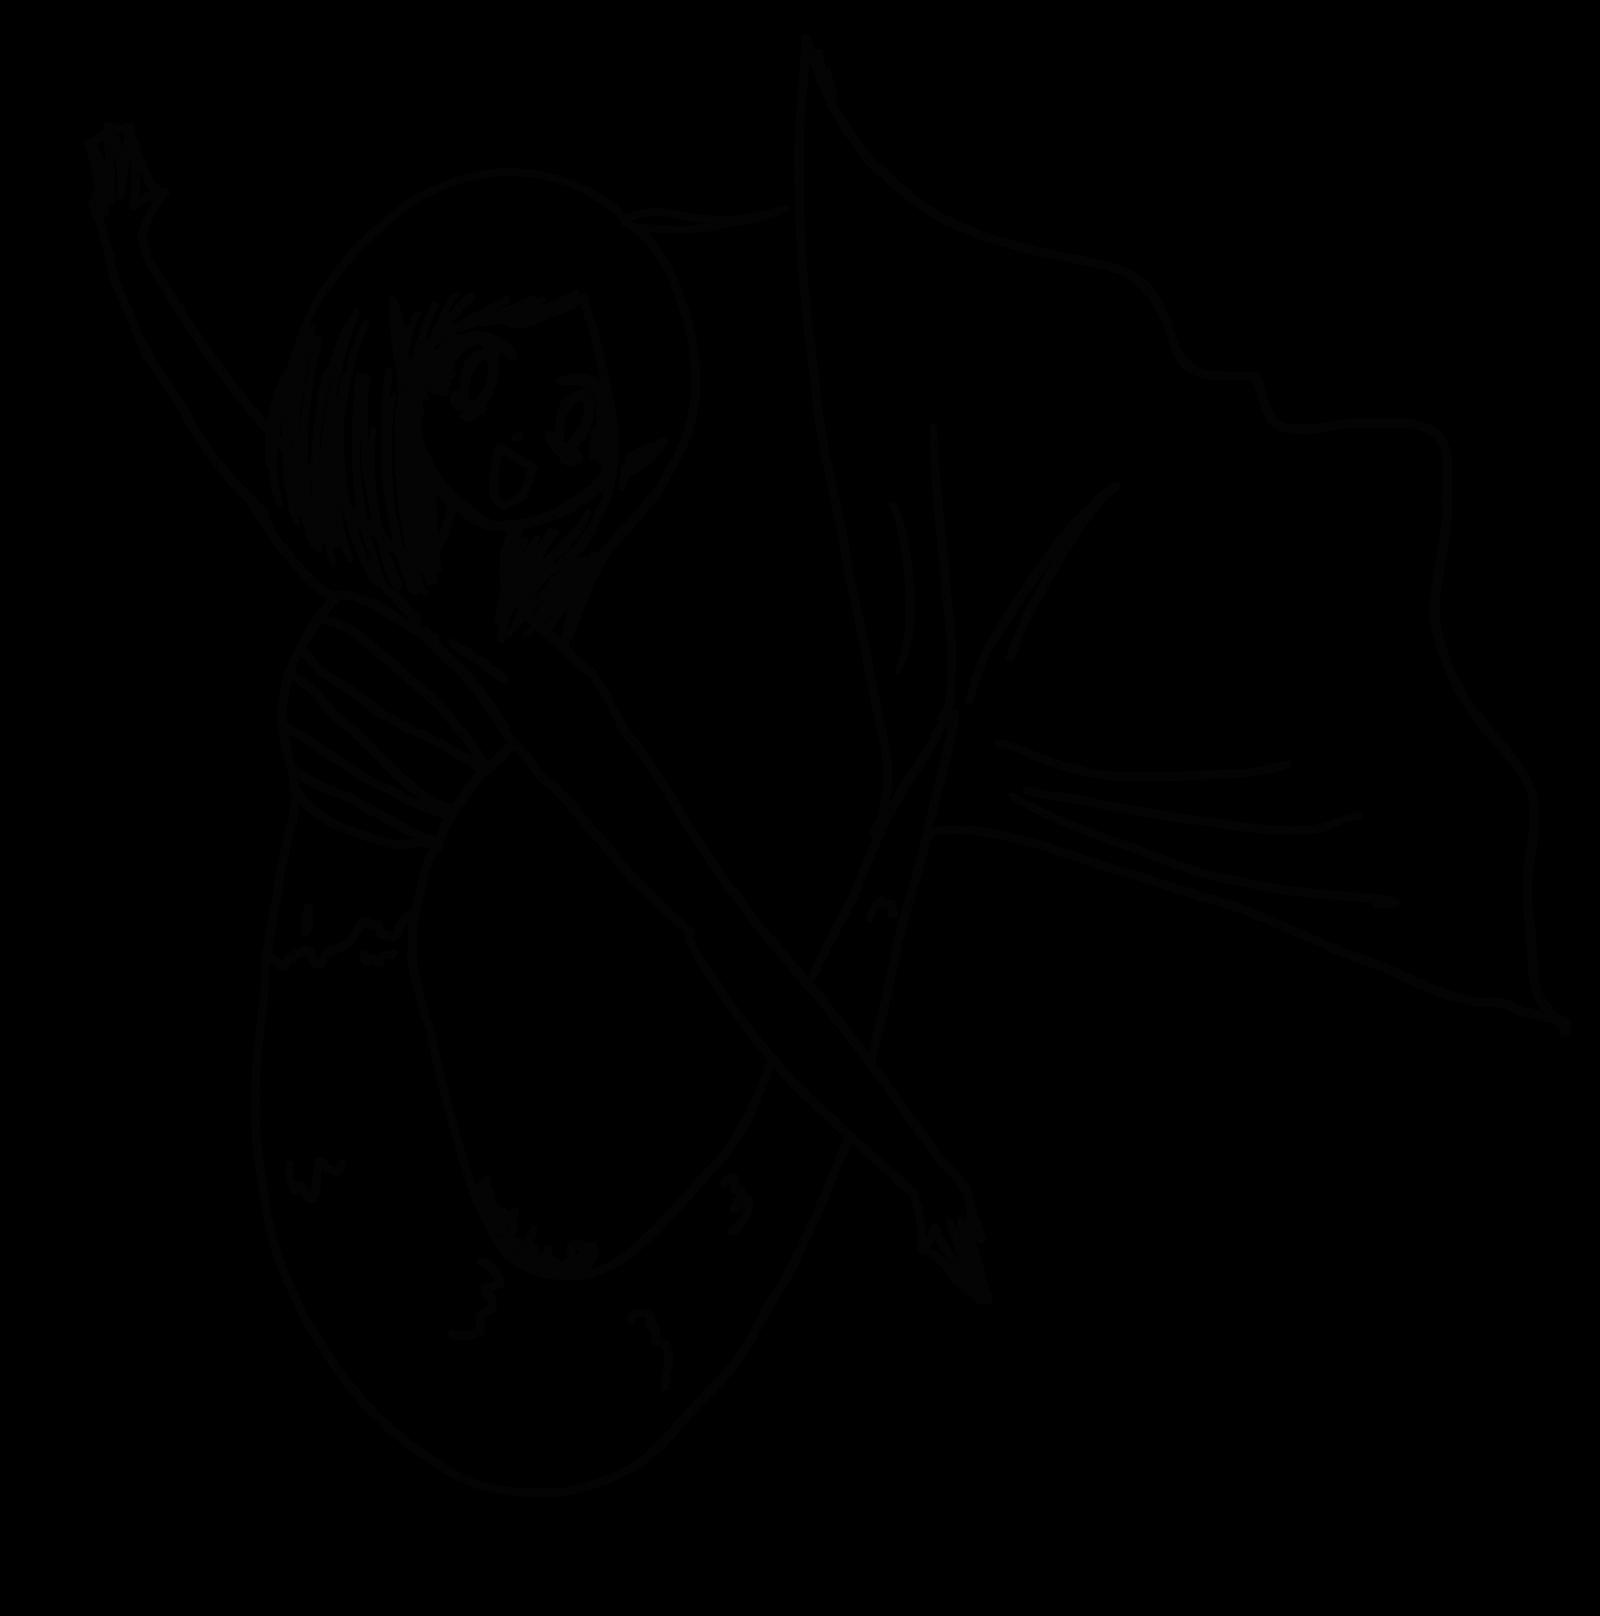 Sad Mermaid -lineart- by DeerDandy on DeviantArt |Mermaid Line Drawing